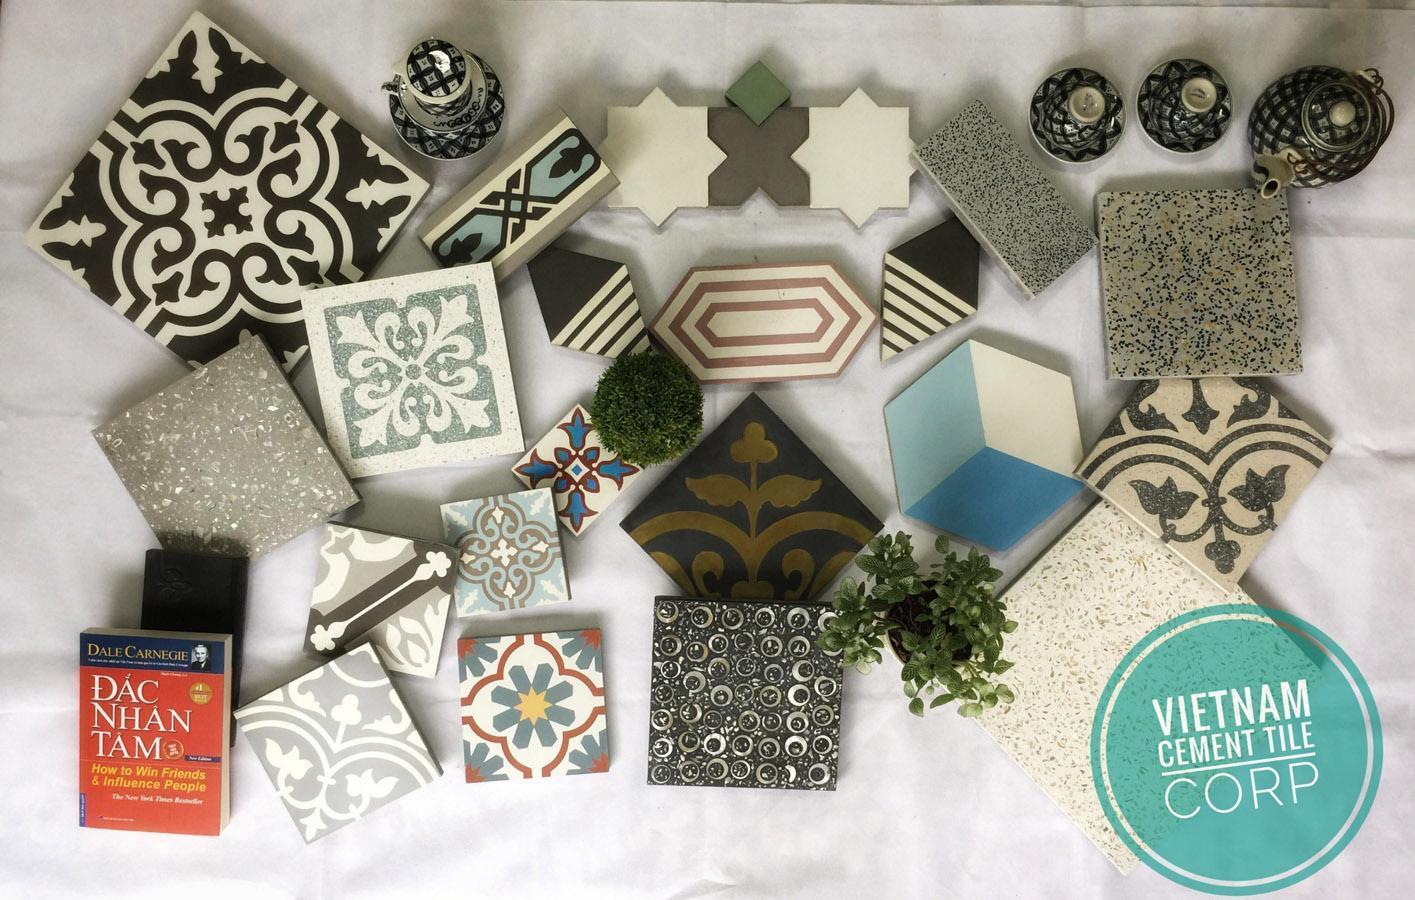 Encaustic-cement-tile-products